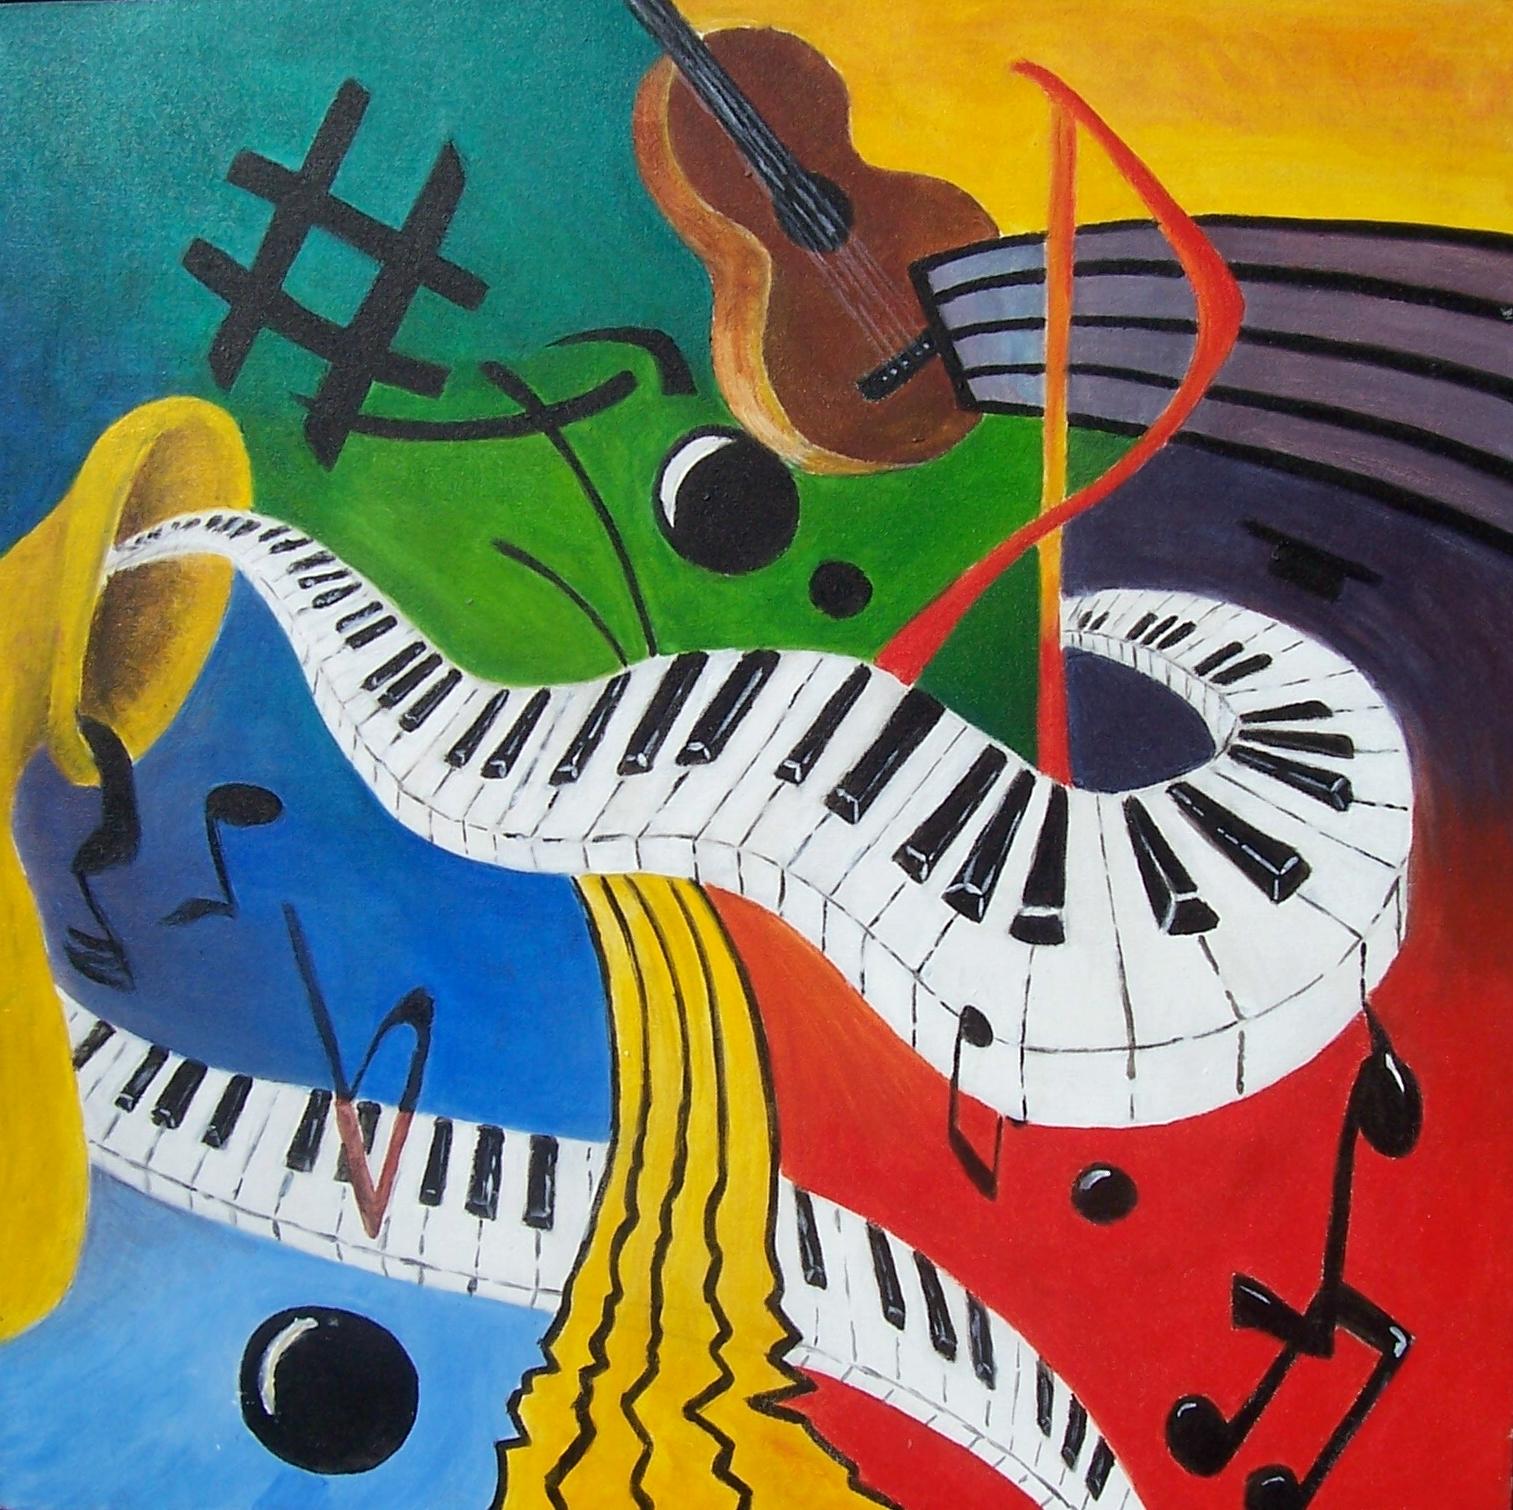 Immagini Di Strumenti Musicali Da Colorare